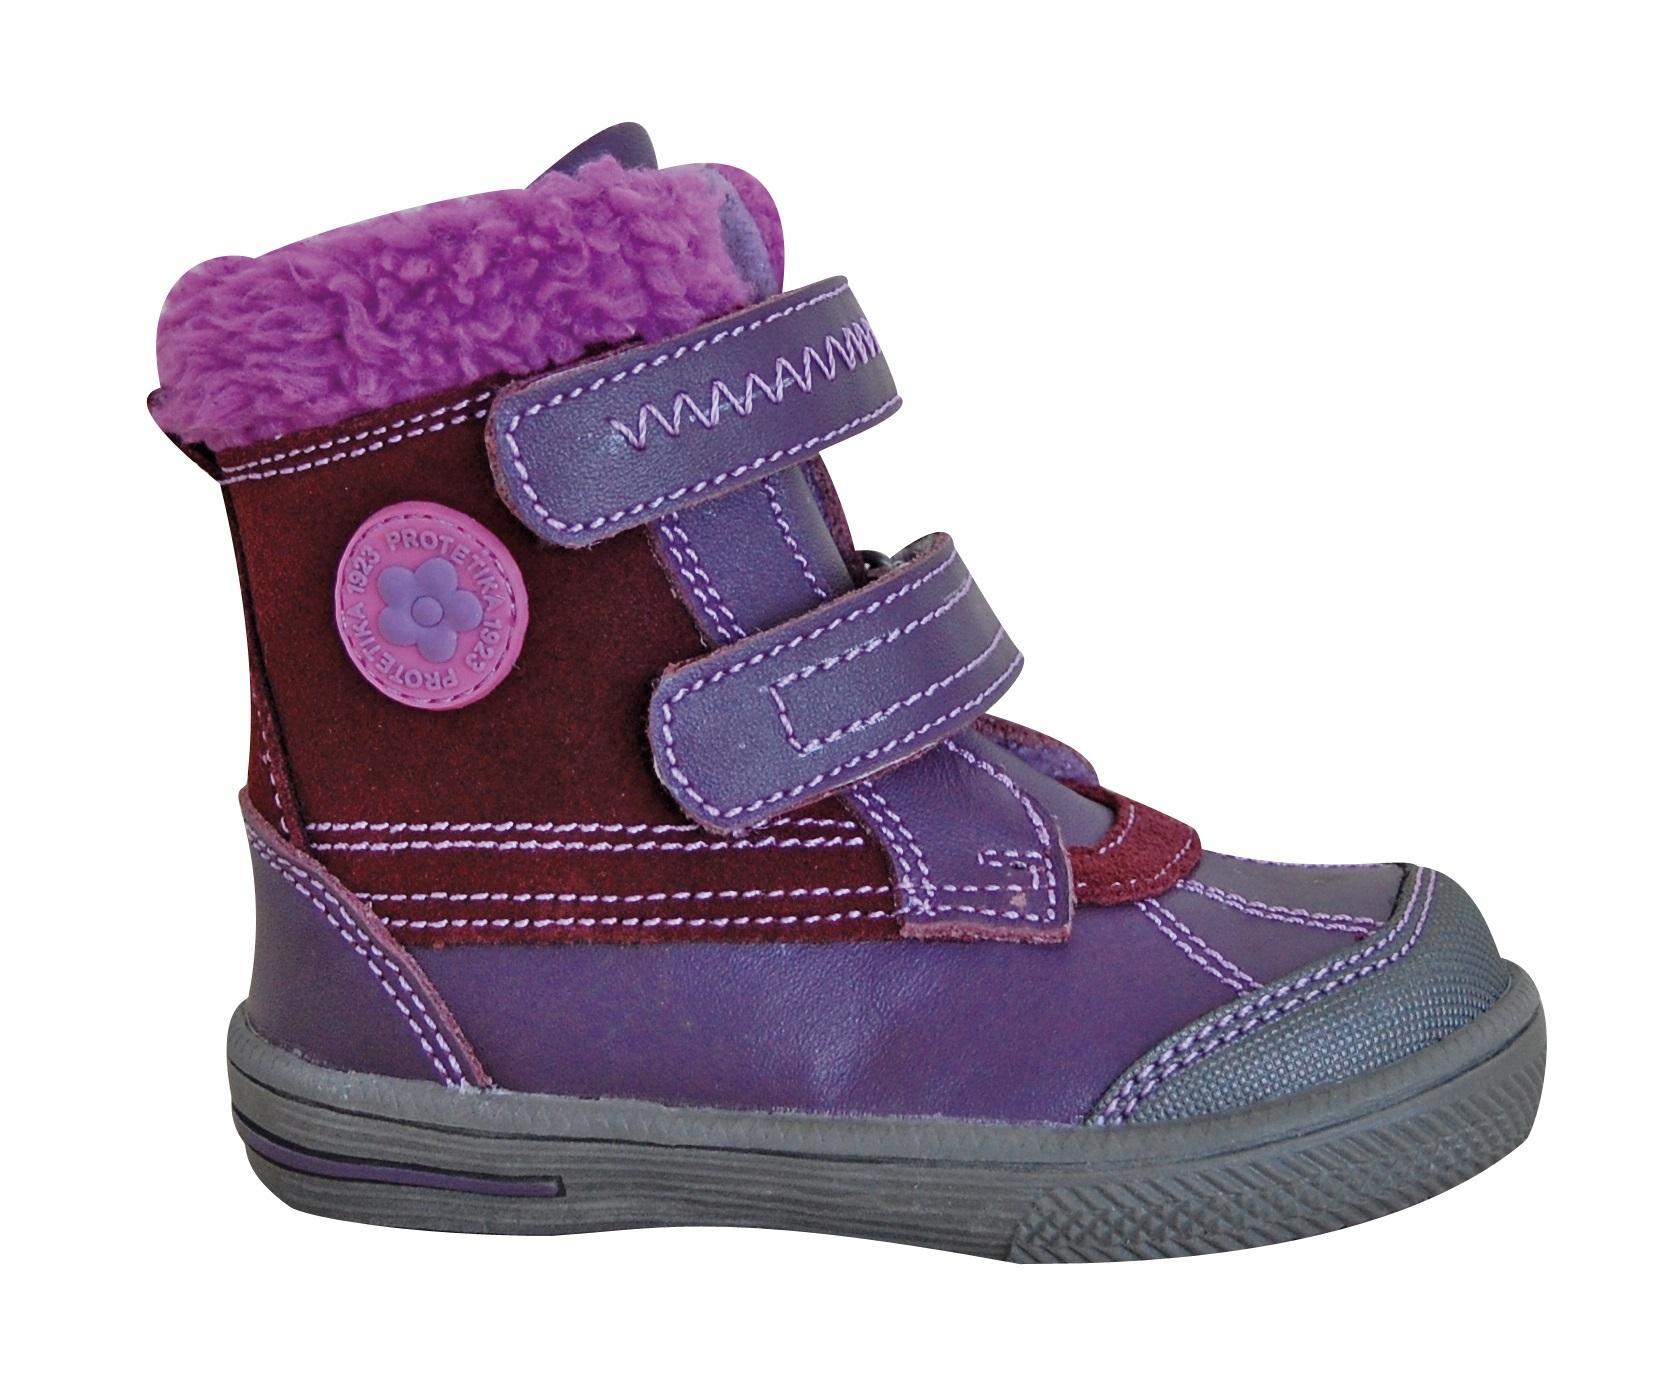 2599cbc8b3 Protetika Dievčenské zimné topánky Frenk - ružové - Glami.sk